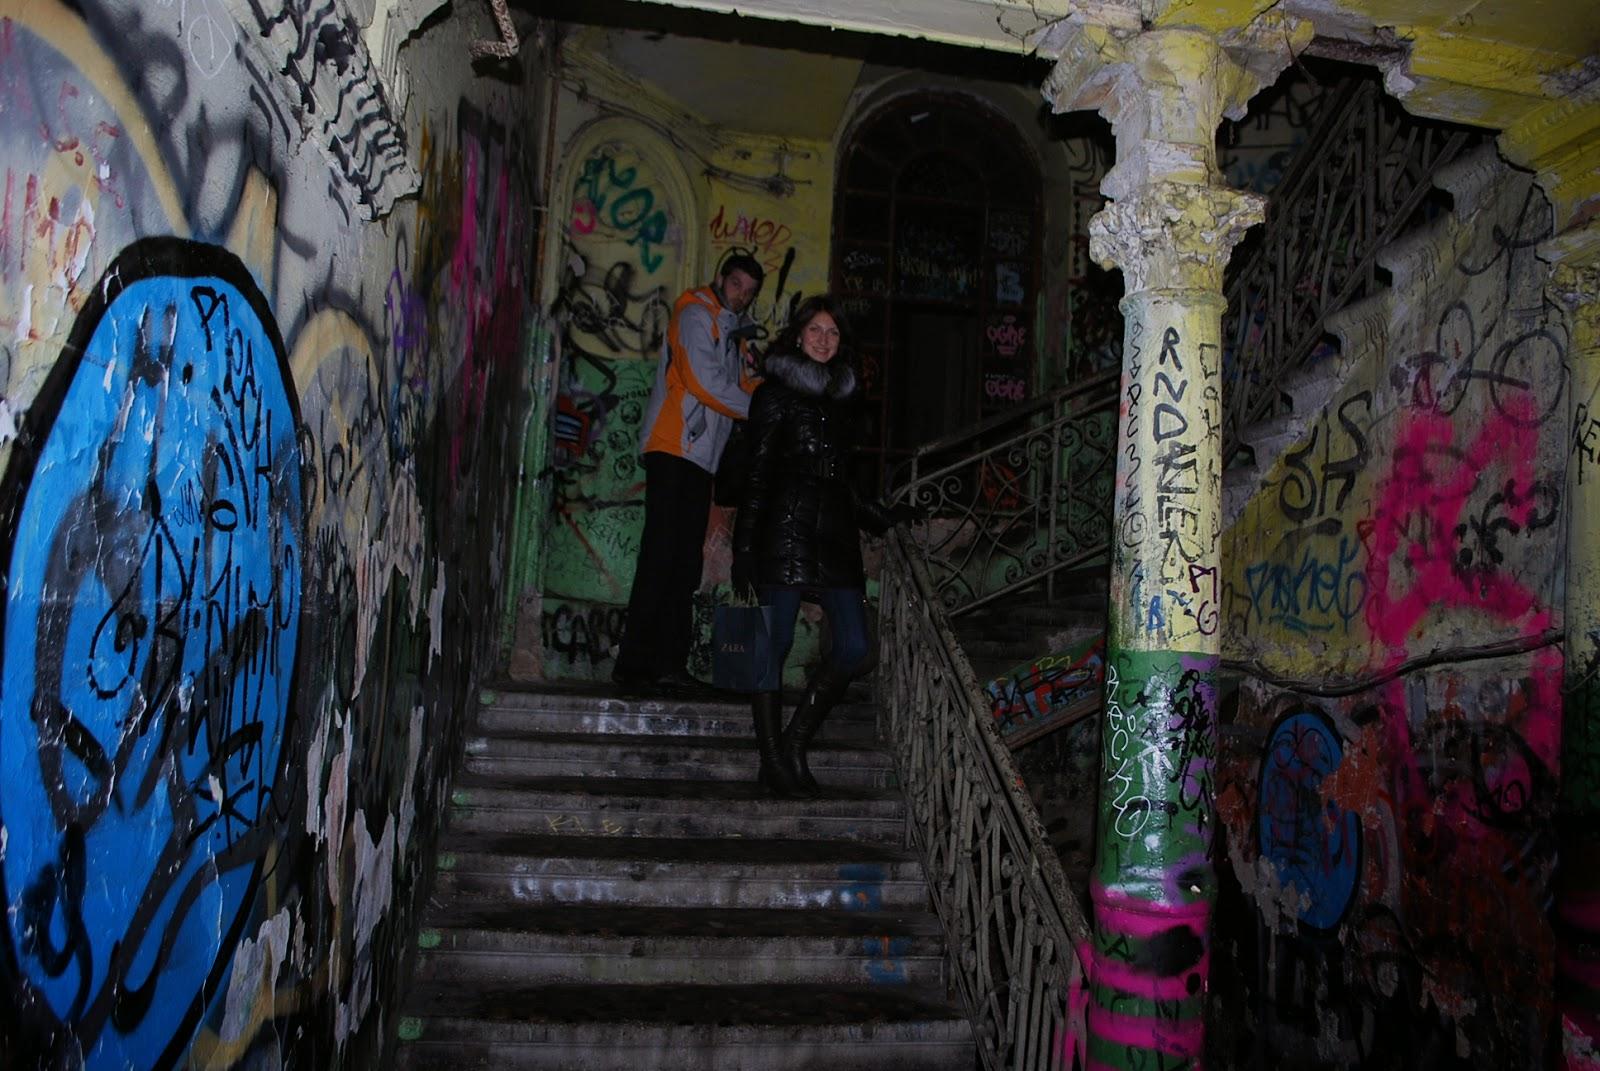 Подъезд с граффити, Вильнюс, Литва